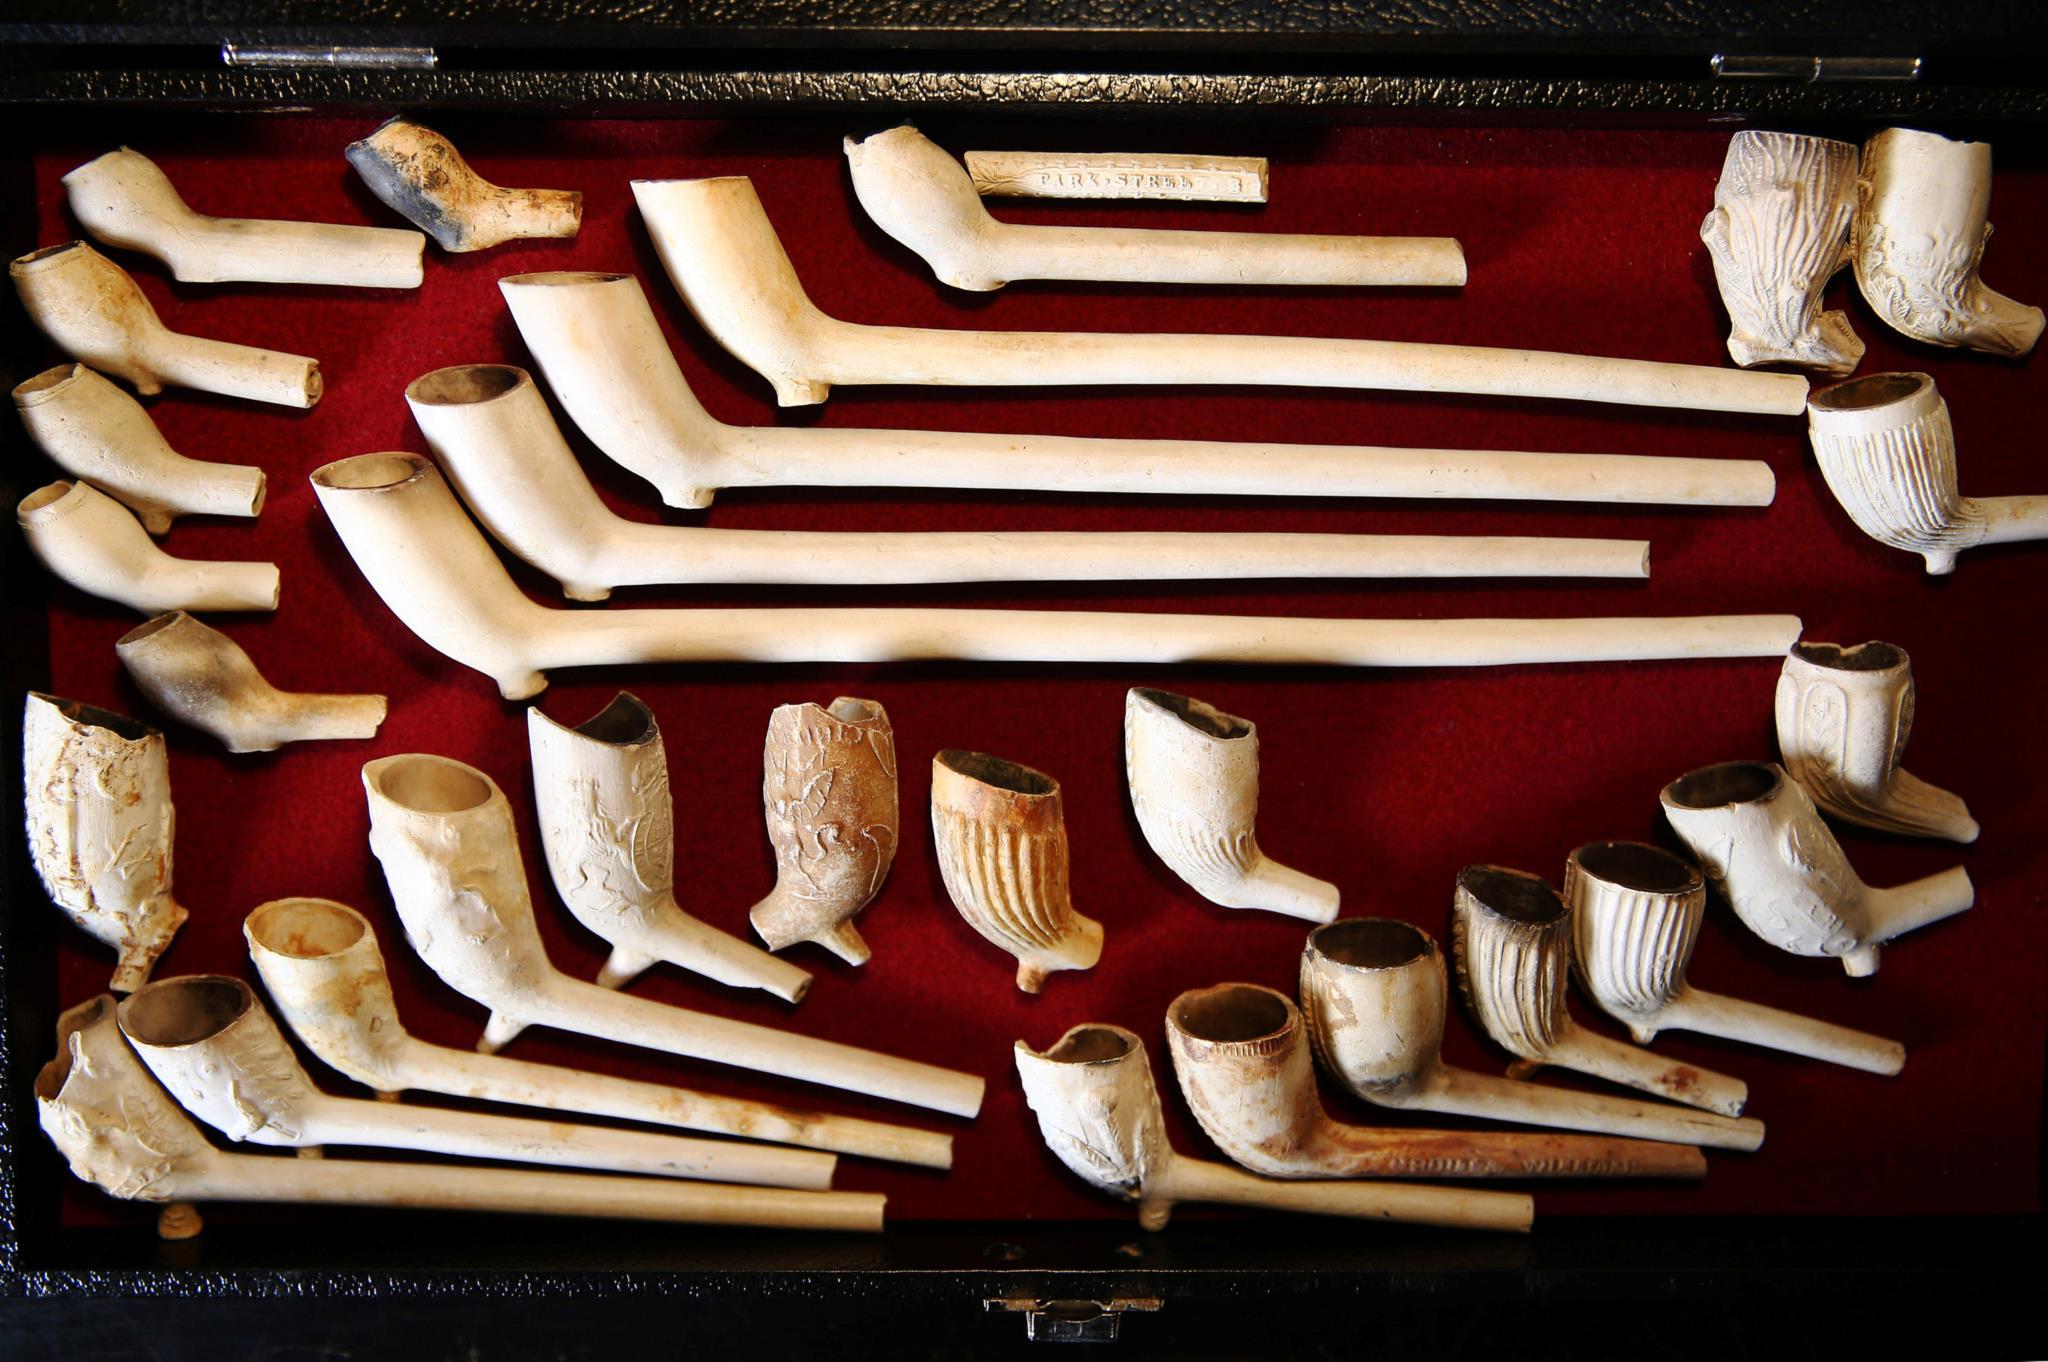 Cachimbos datados de 1580 até 1900